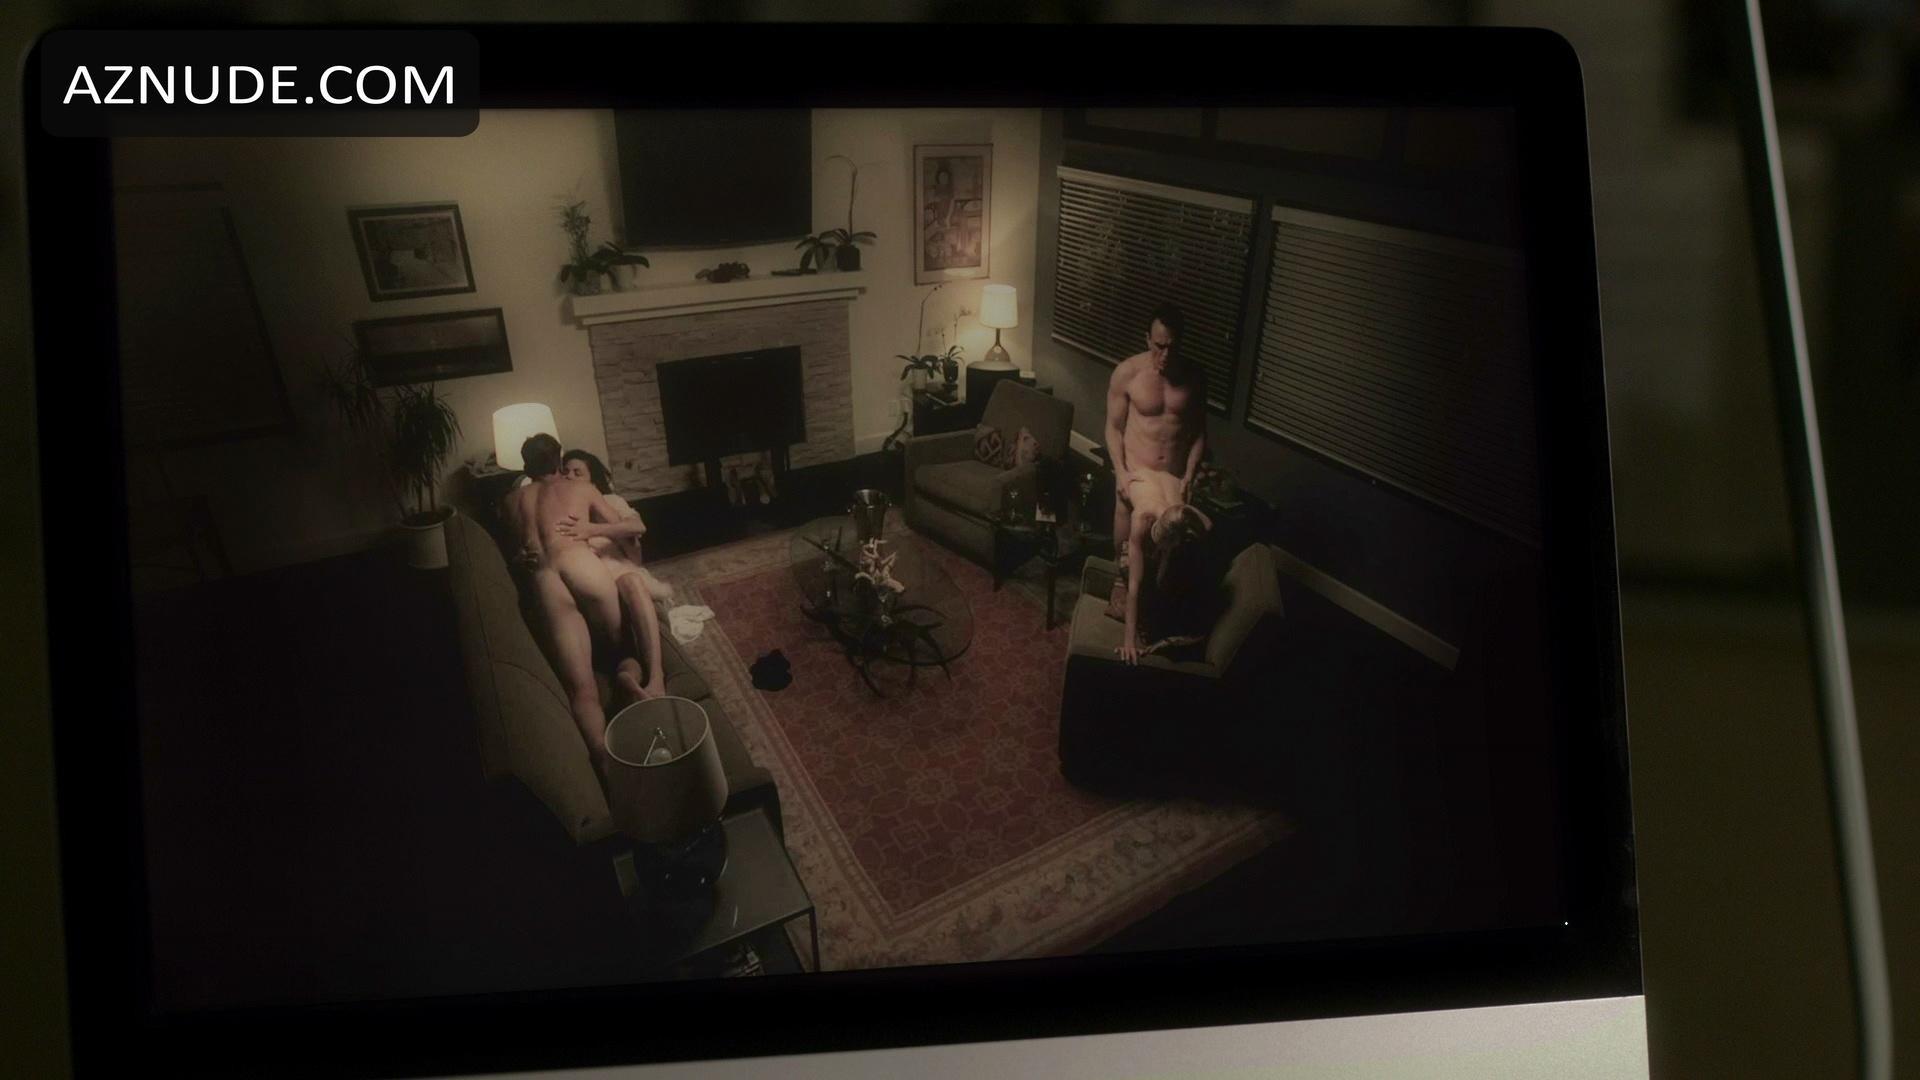 Nice Eion bailey nude photos can